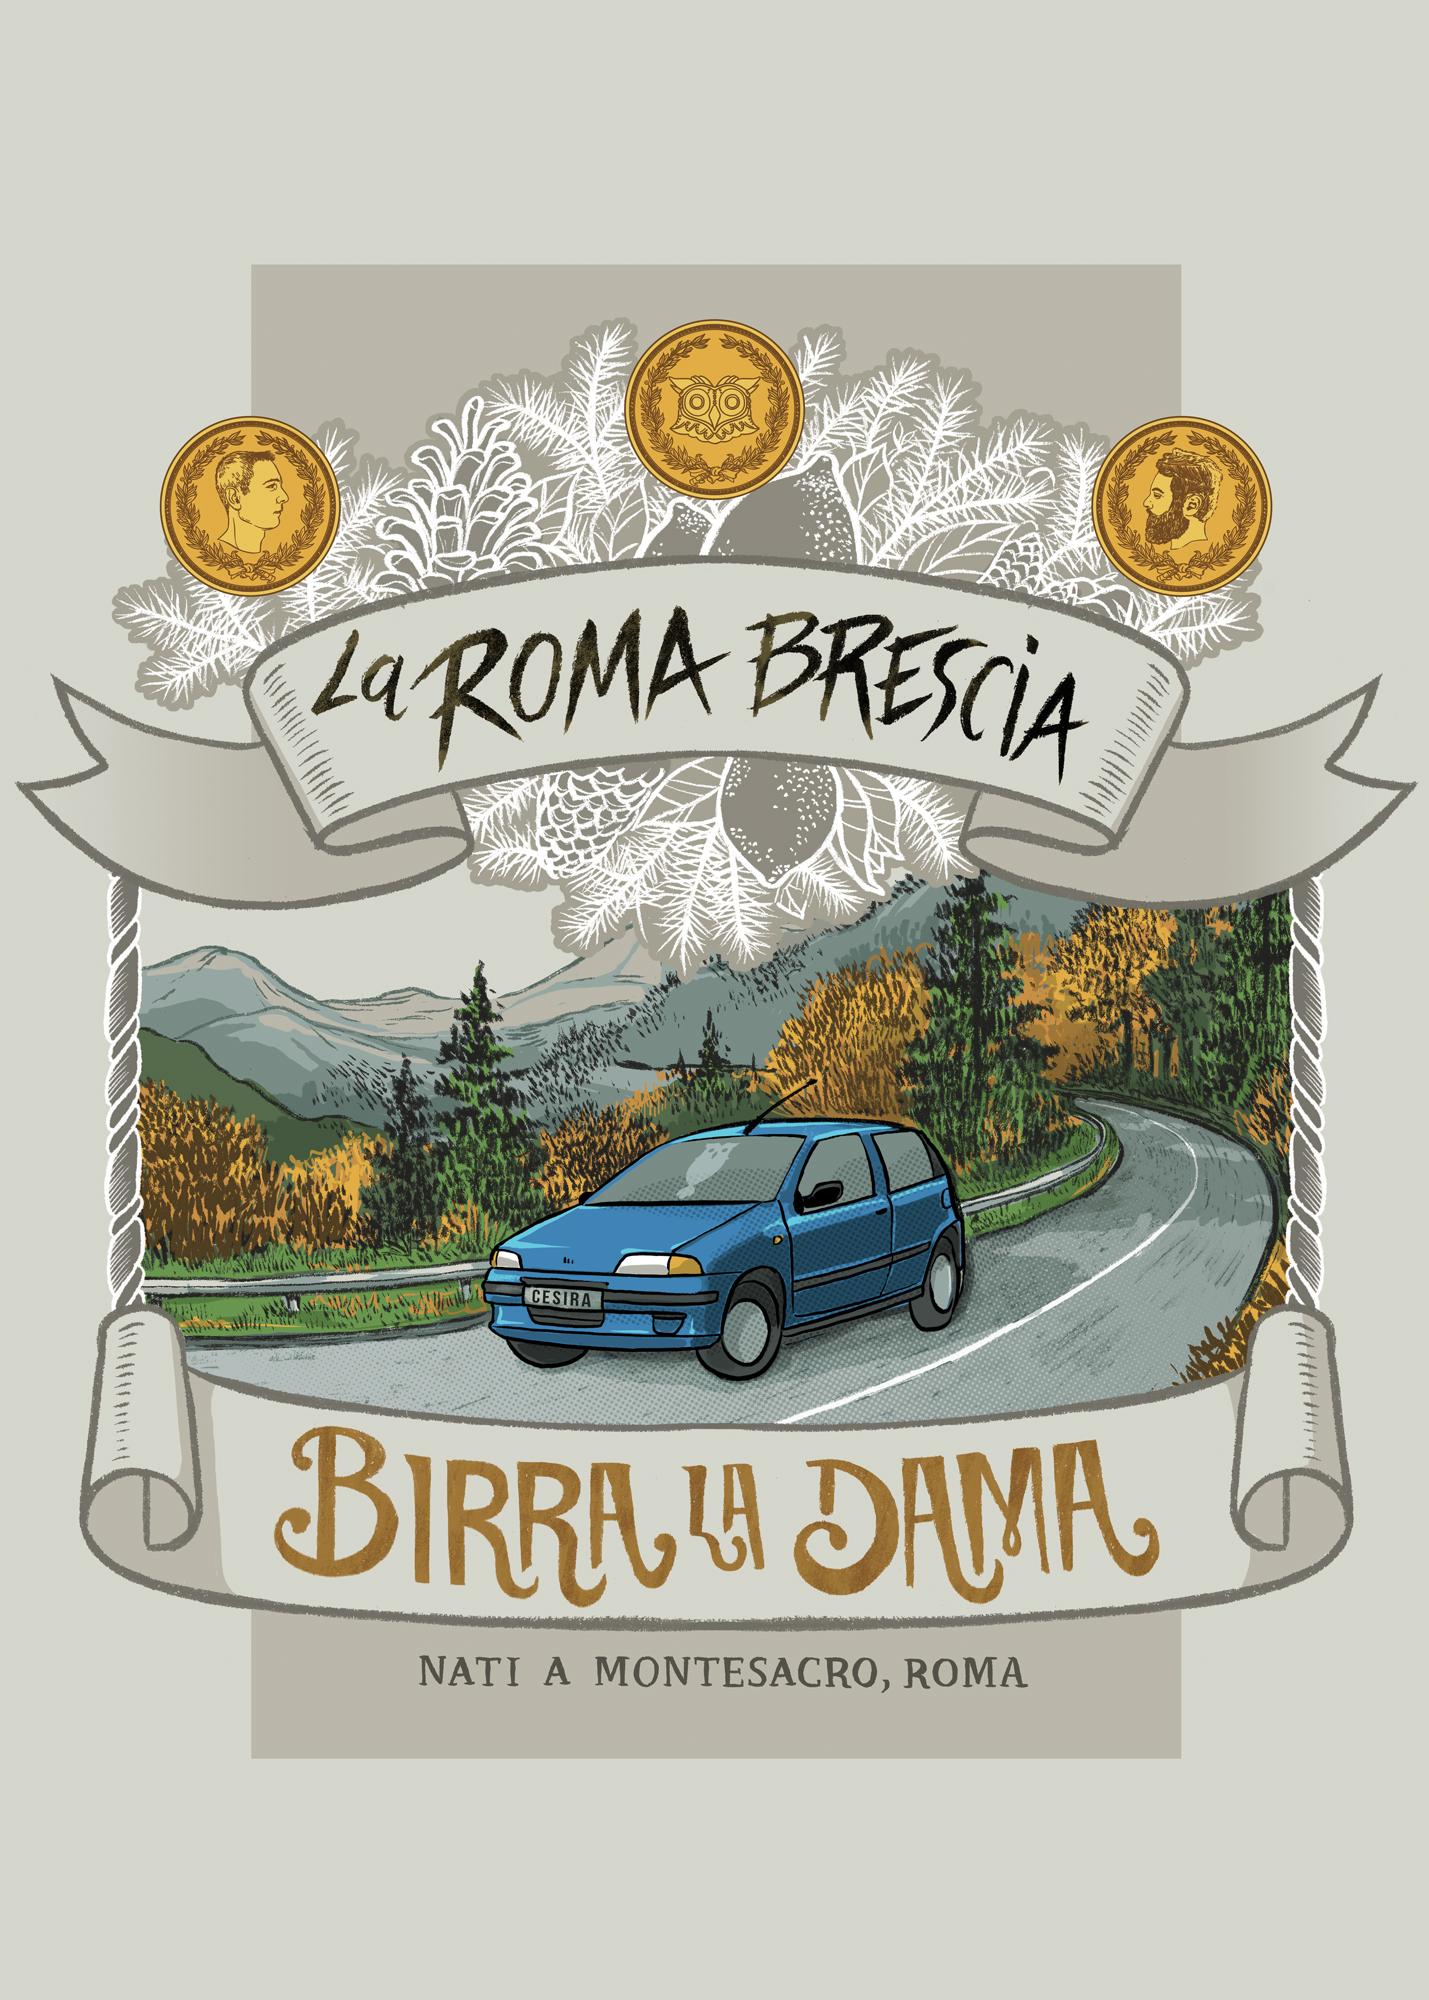 La Roma Brescia